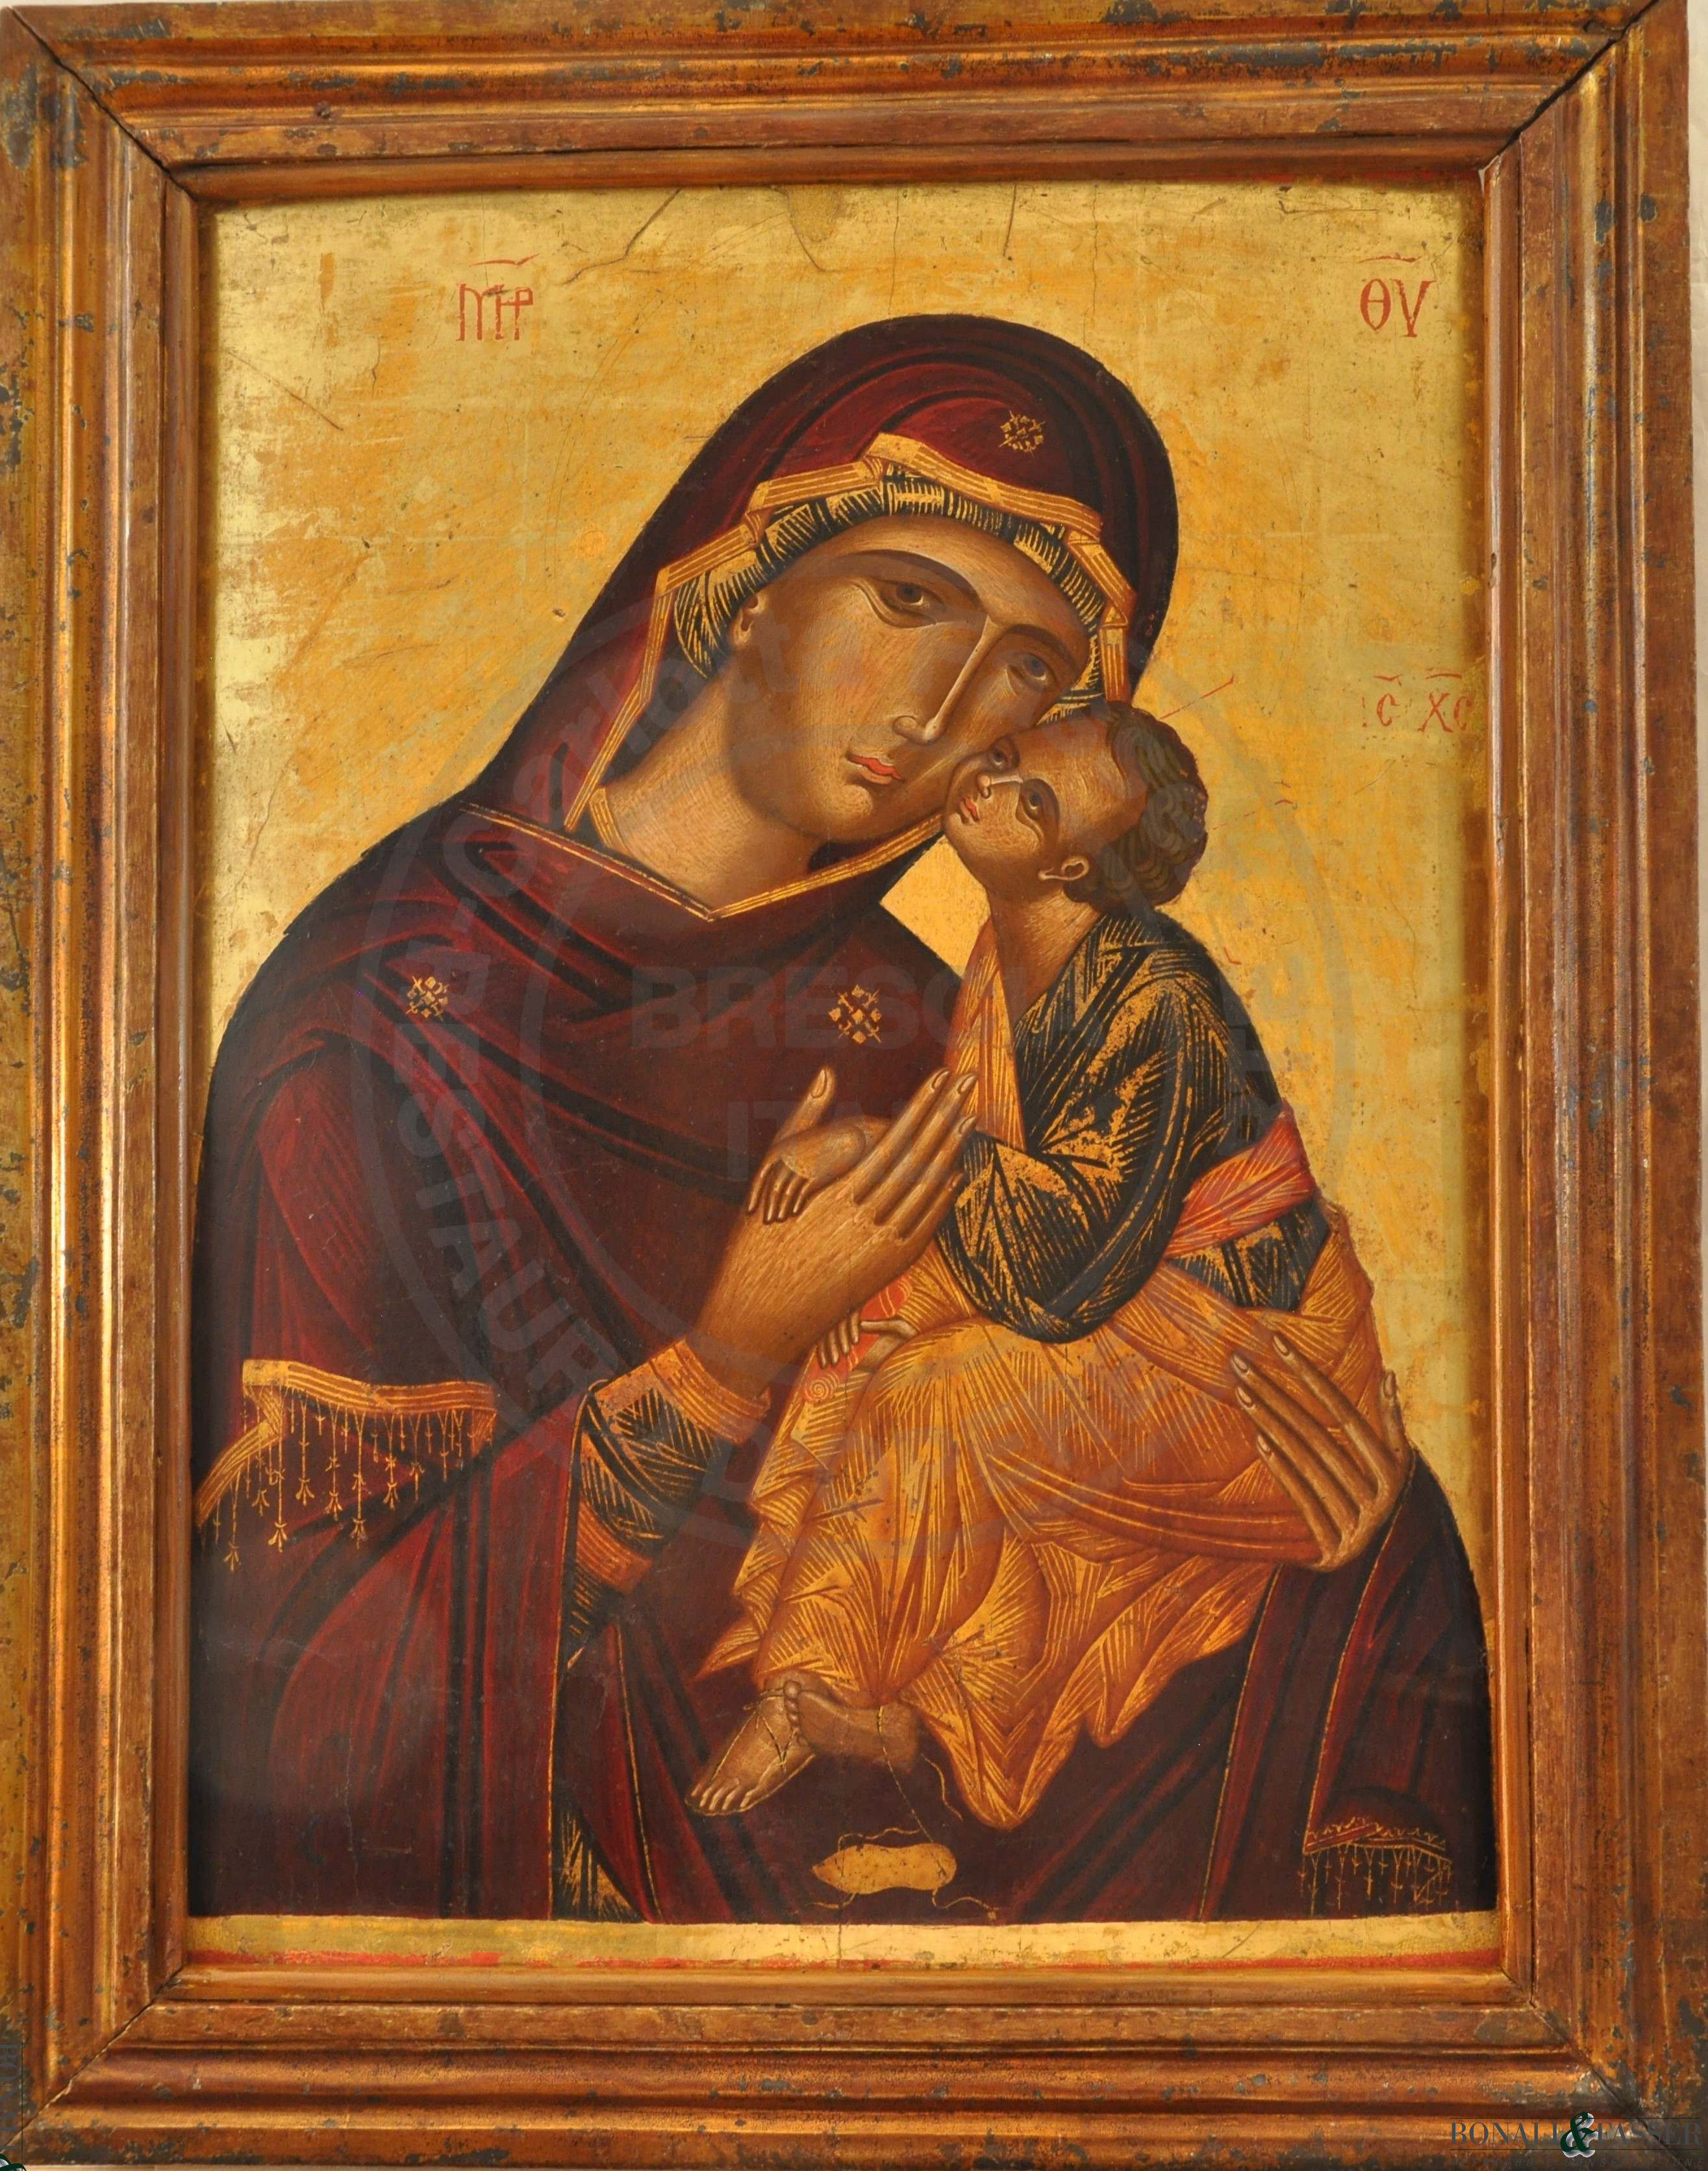 L'icona dopo l'intervento di restauro